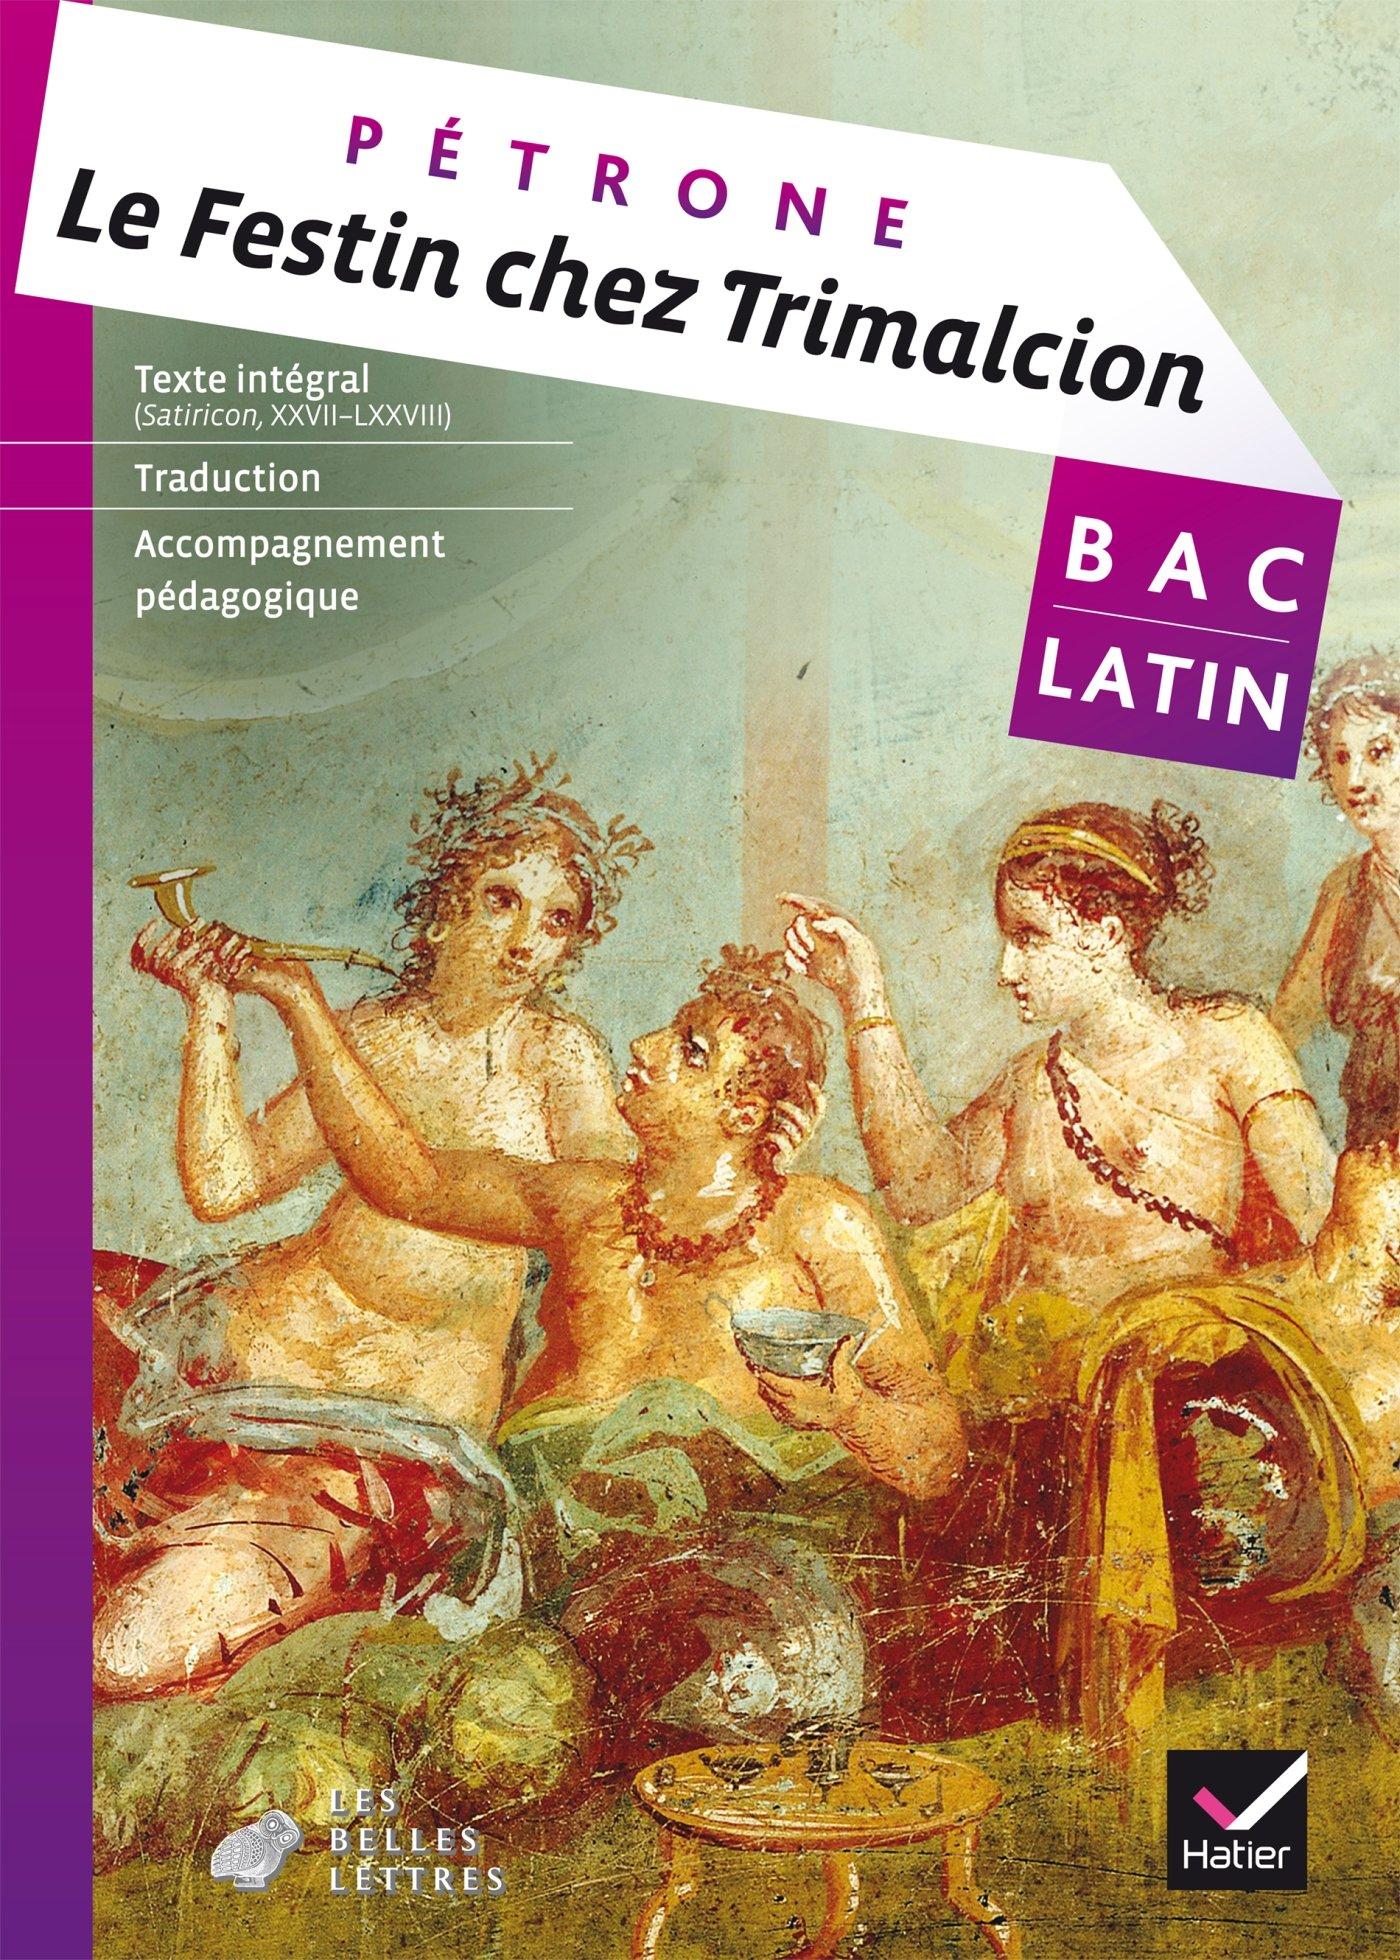 Le festin chez Trimalcion (Pétrone) - Livre de l'élève Broché – 13 septembre 2017 Christine Tardiveau Aude Alizon Hatier 240100081X